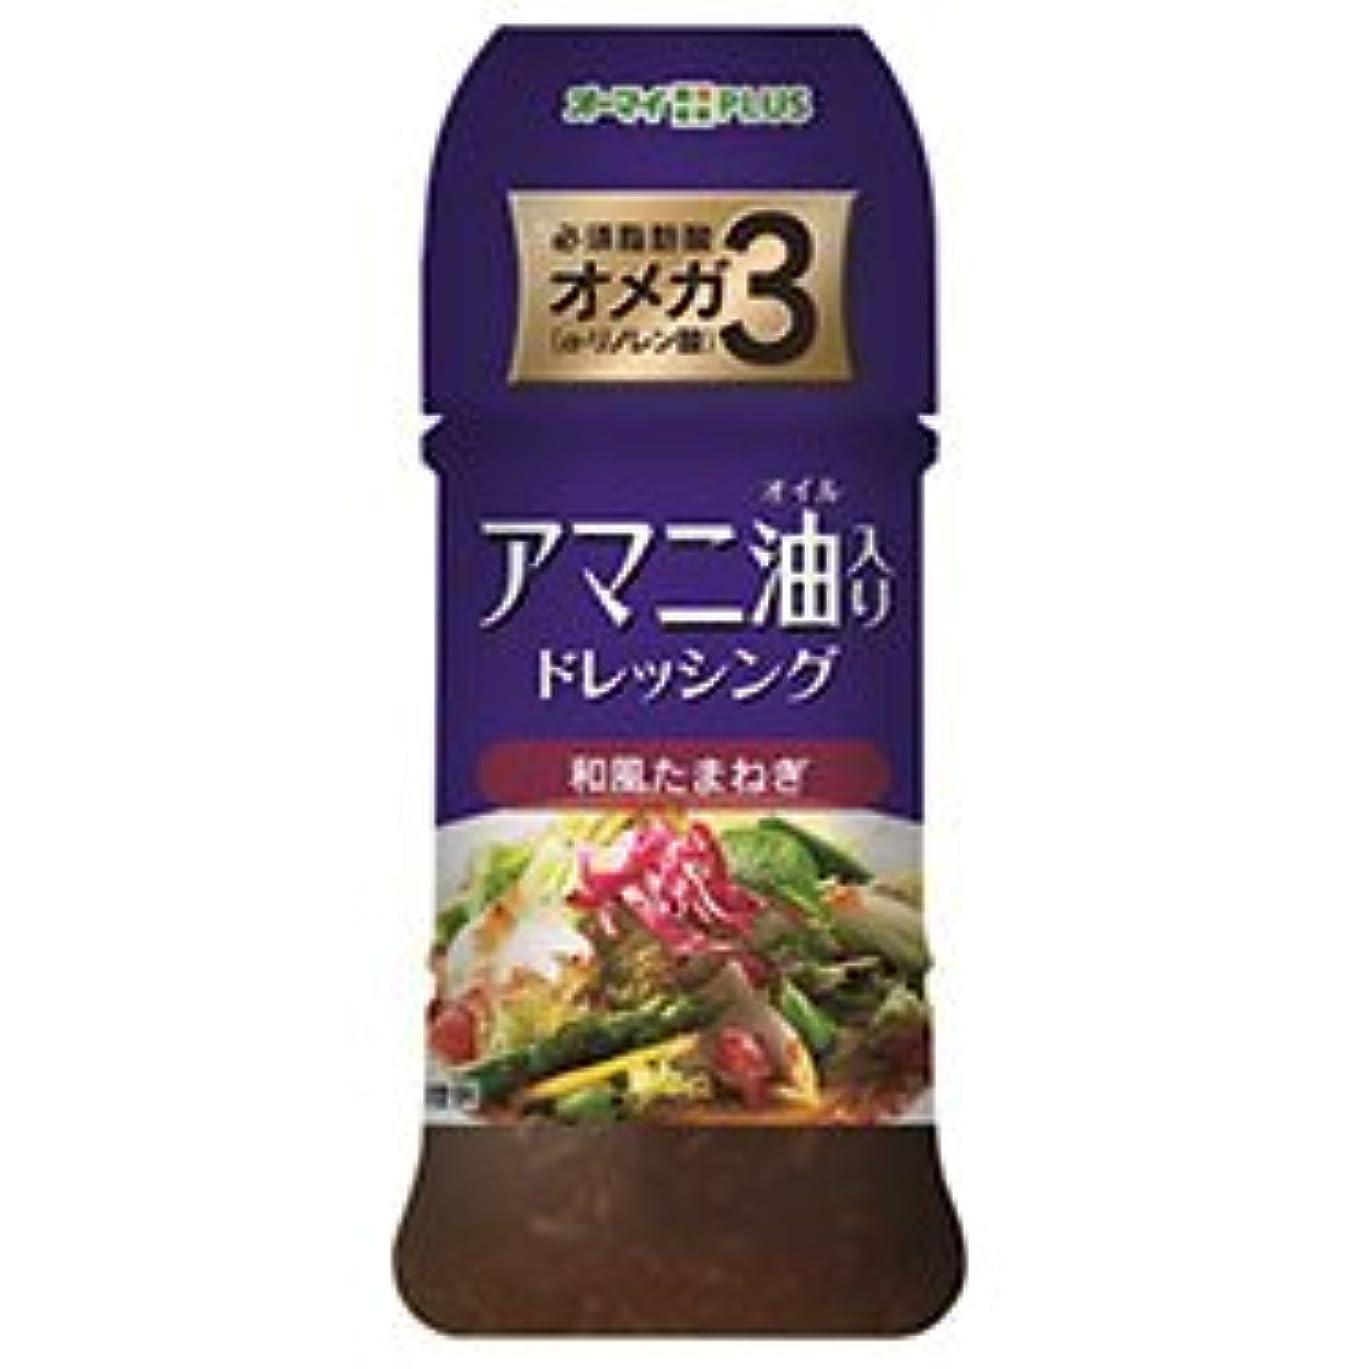 会社帰するアスリート日本製粉 オーマイプラス アマニ油入りドレッシング 和風たまねぎ 150ml×12本入×(2ケース)